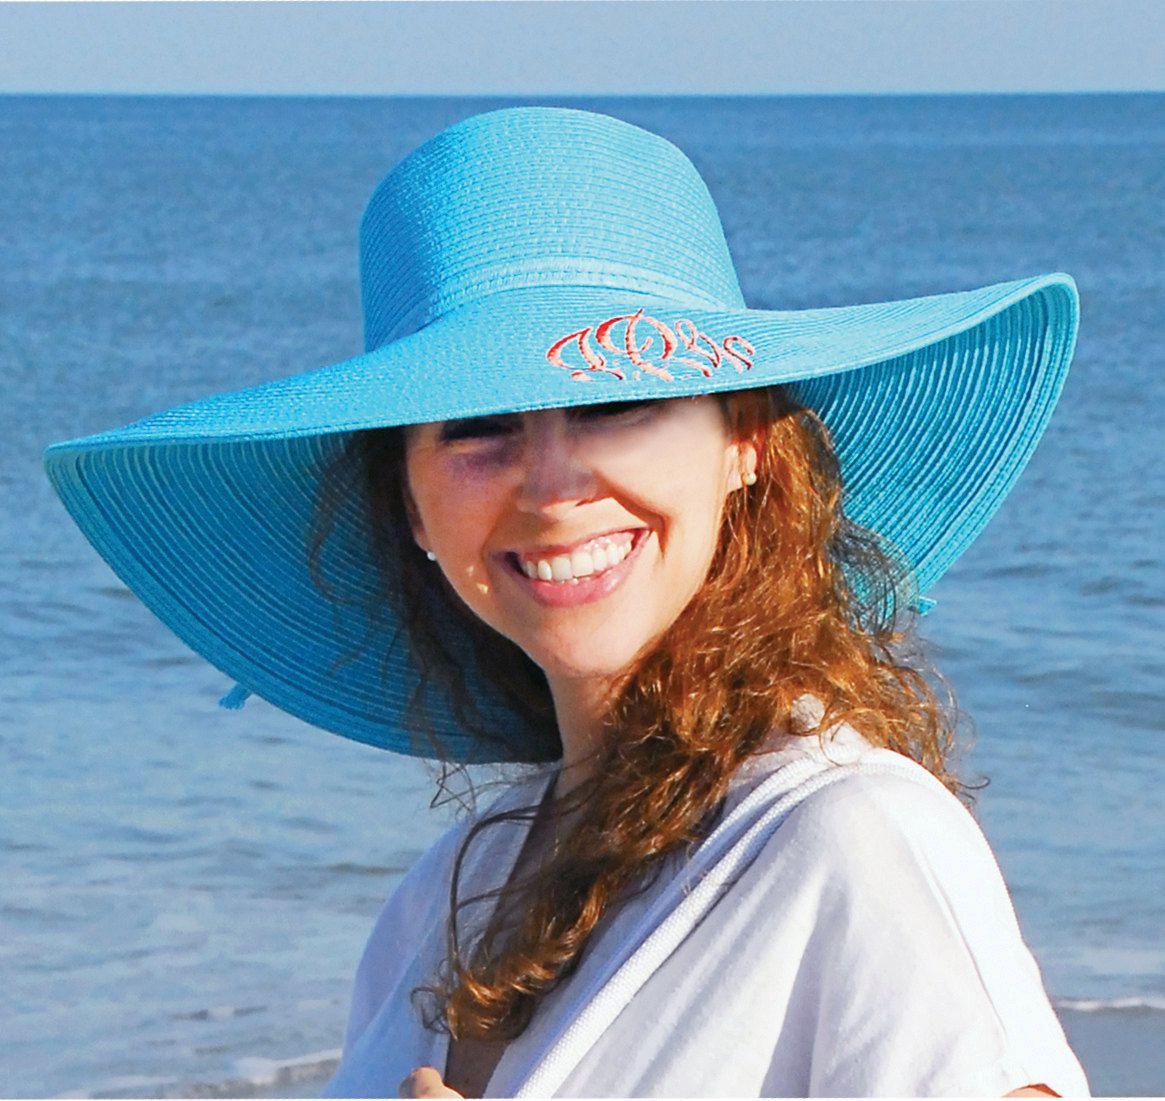 ارتداء القبعات والبقاء في الظل يحافظ على رطوبة الجسم وجفافه